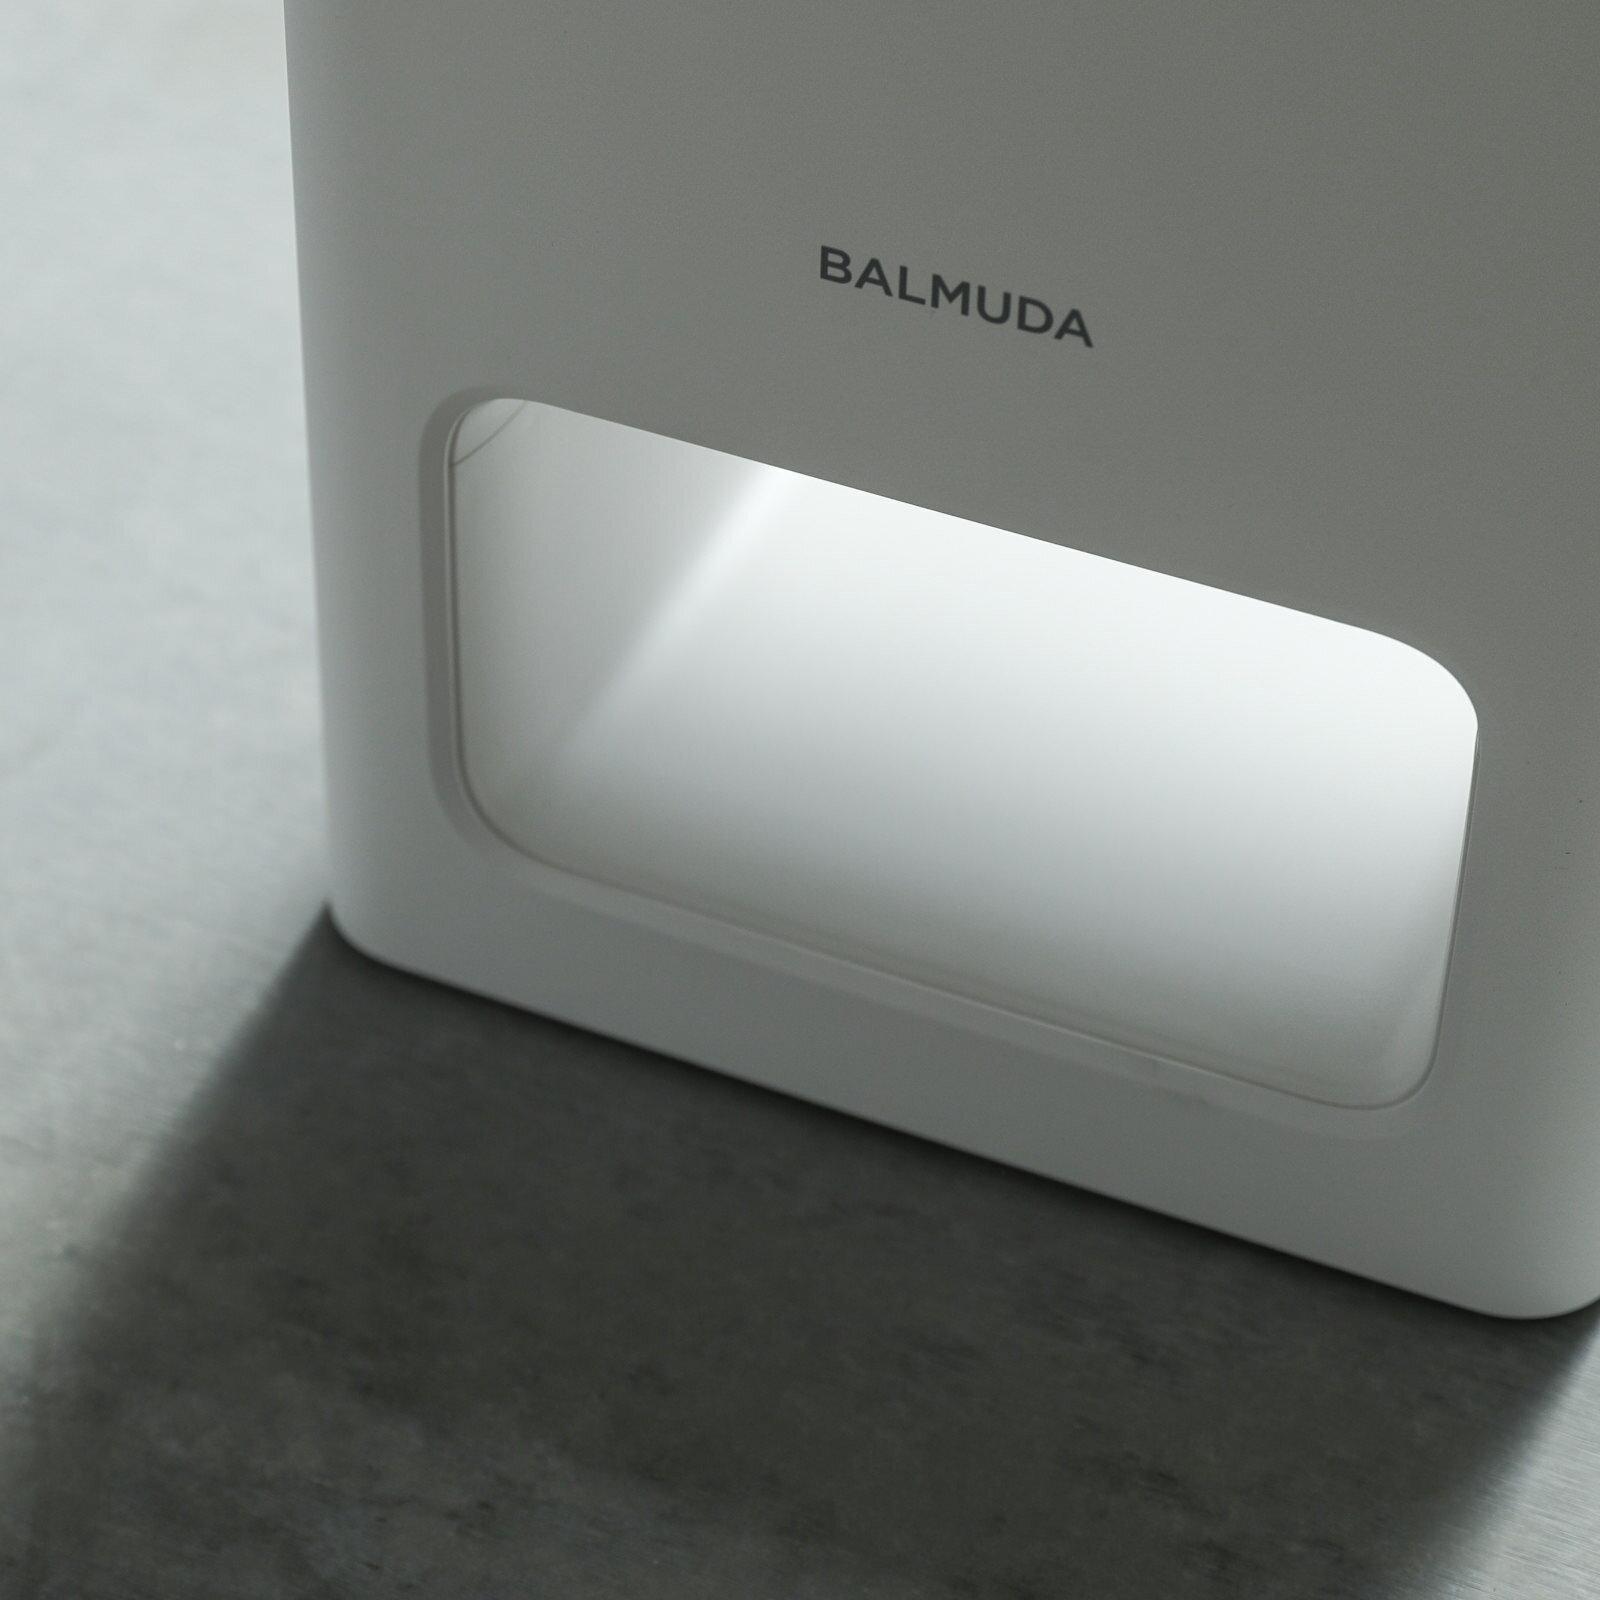 【日本BALMUDA】The Pure 二代空氣清淨機 原廠公司貨 2